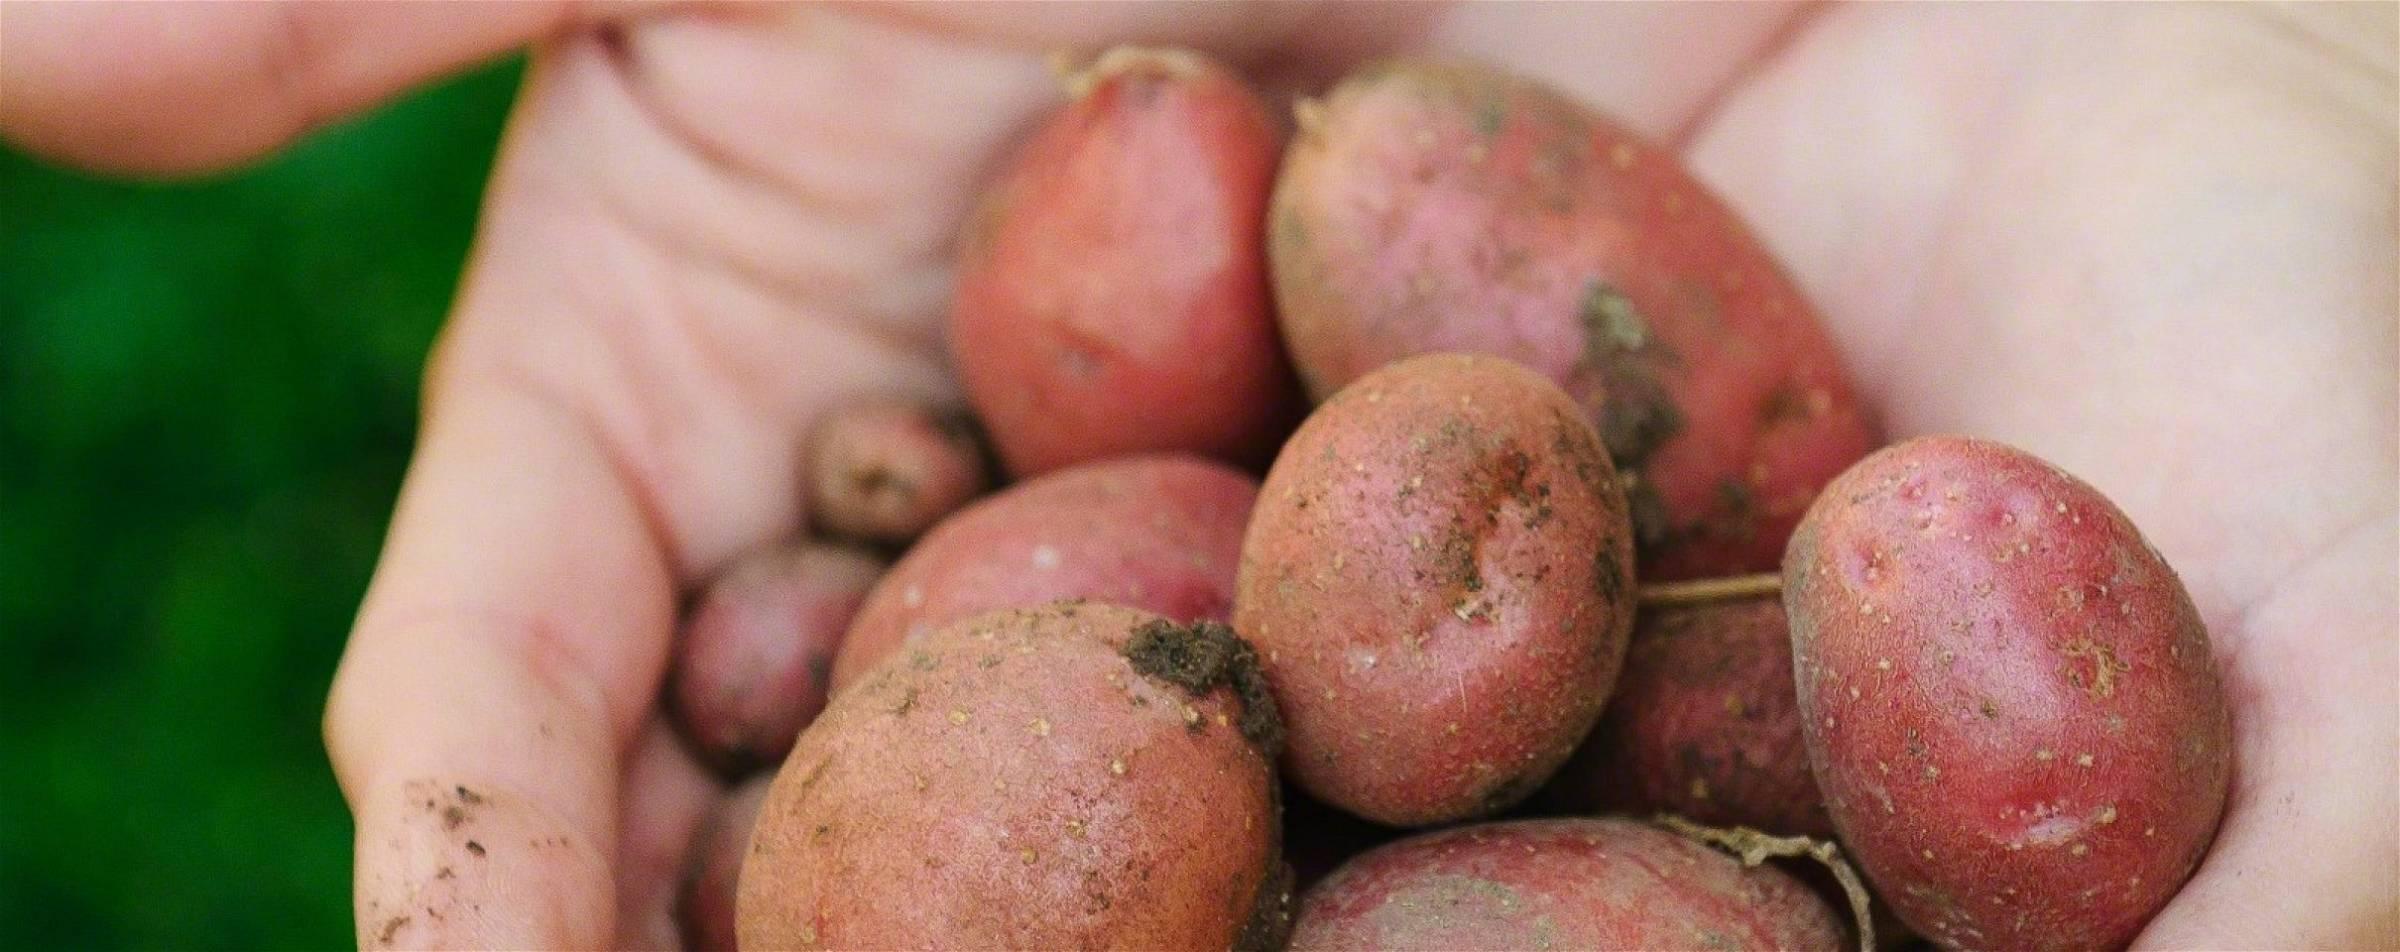 aardappelen in een koolhydraatarm dieet